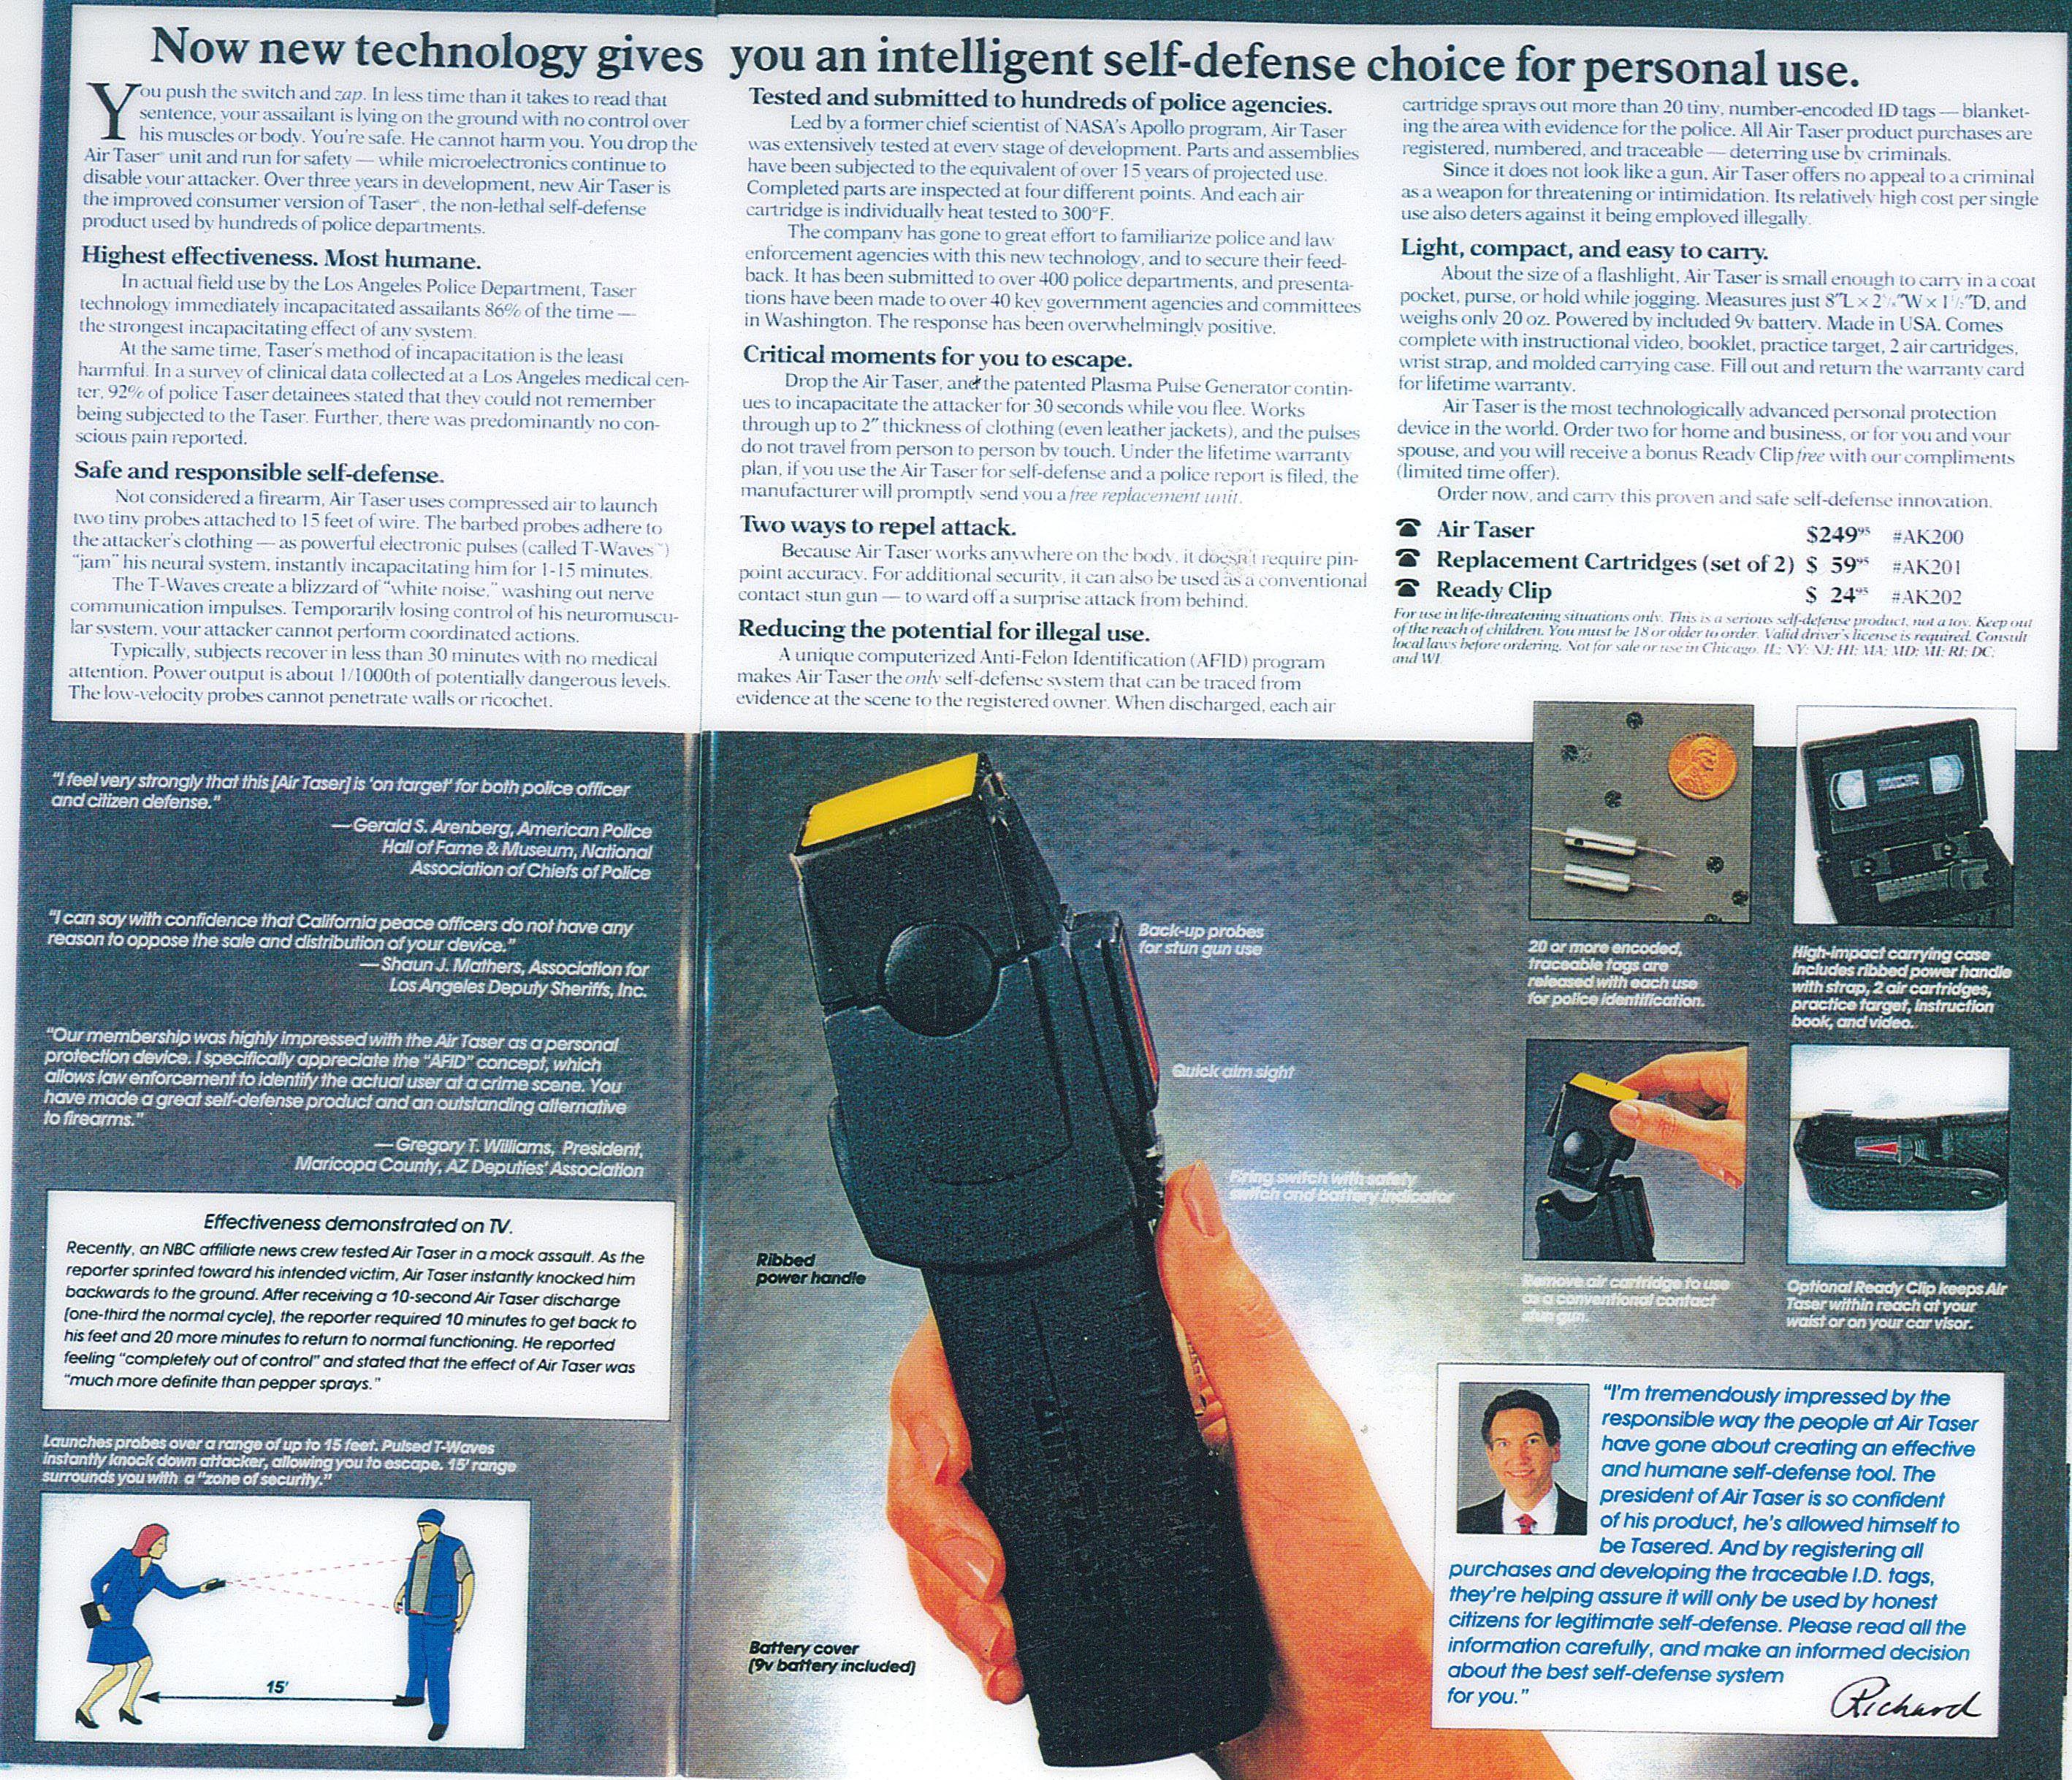 Página de un catálogo de Sharper Image que muestra el modelo Air Taser 34000 que parece una afeitadora eléctrica